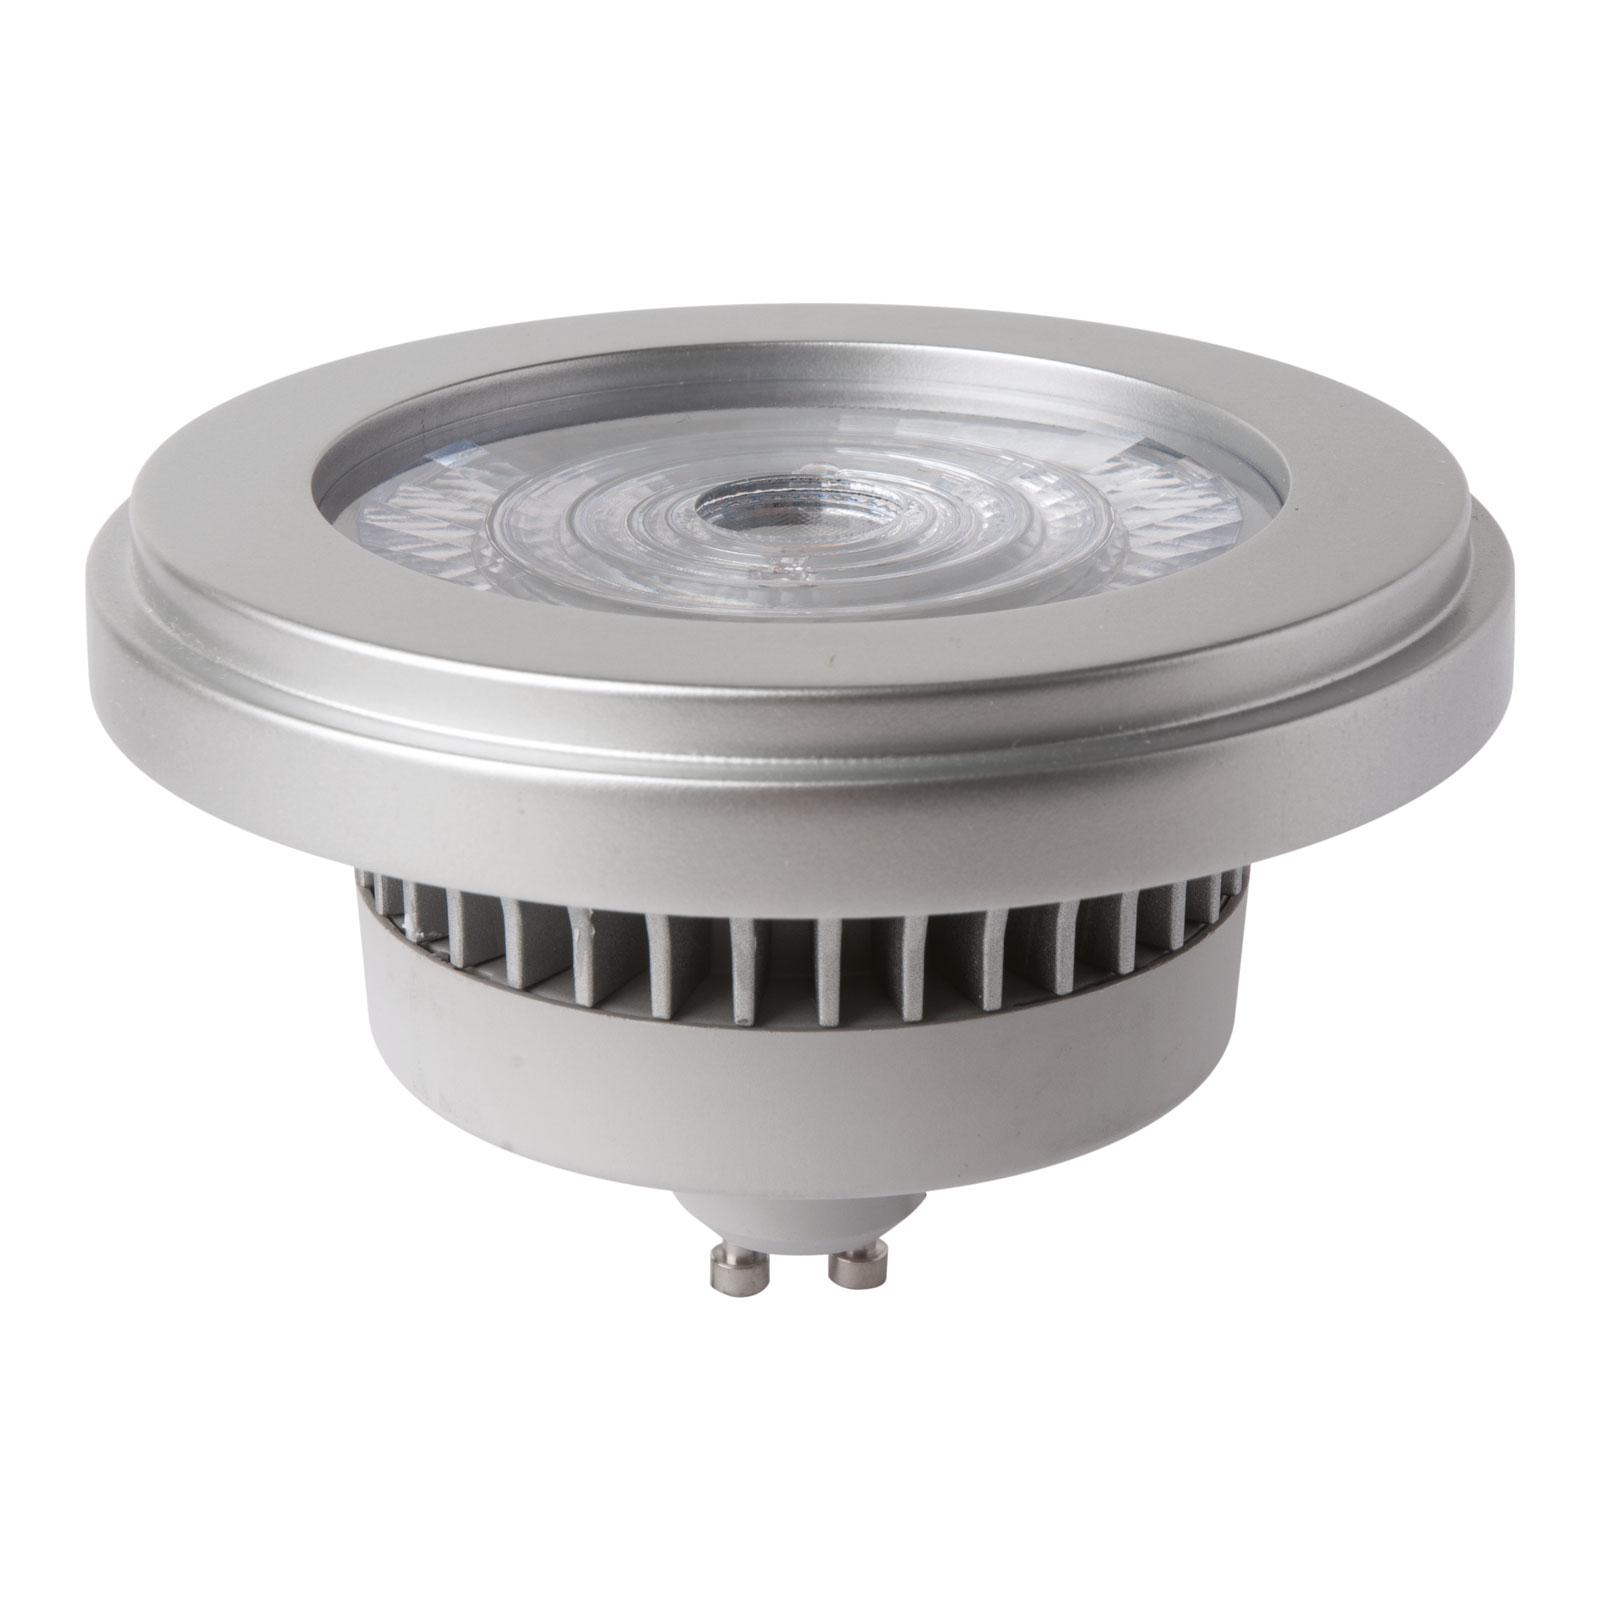 LED-Reflektor GU10 11W Dual Beam warmweiß